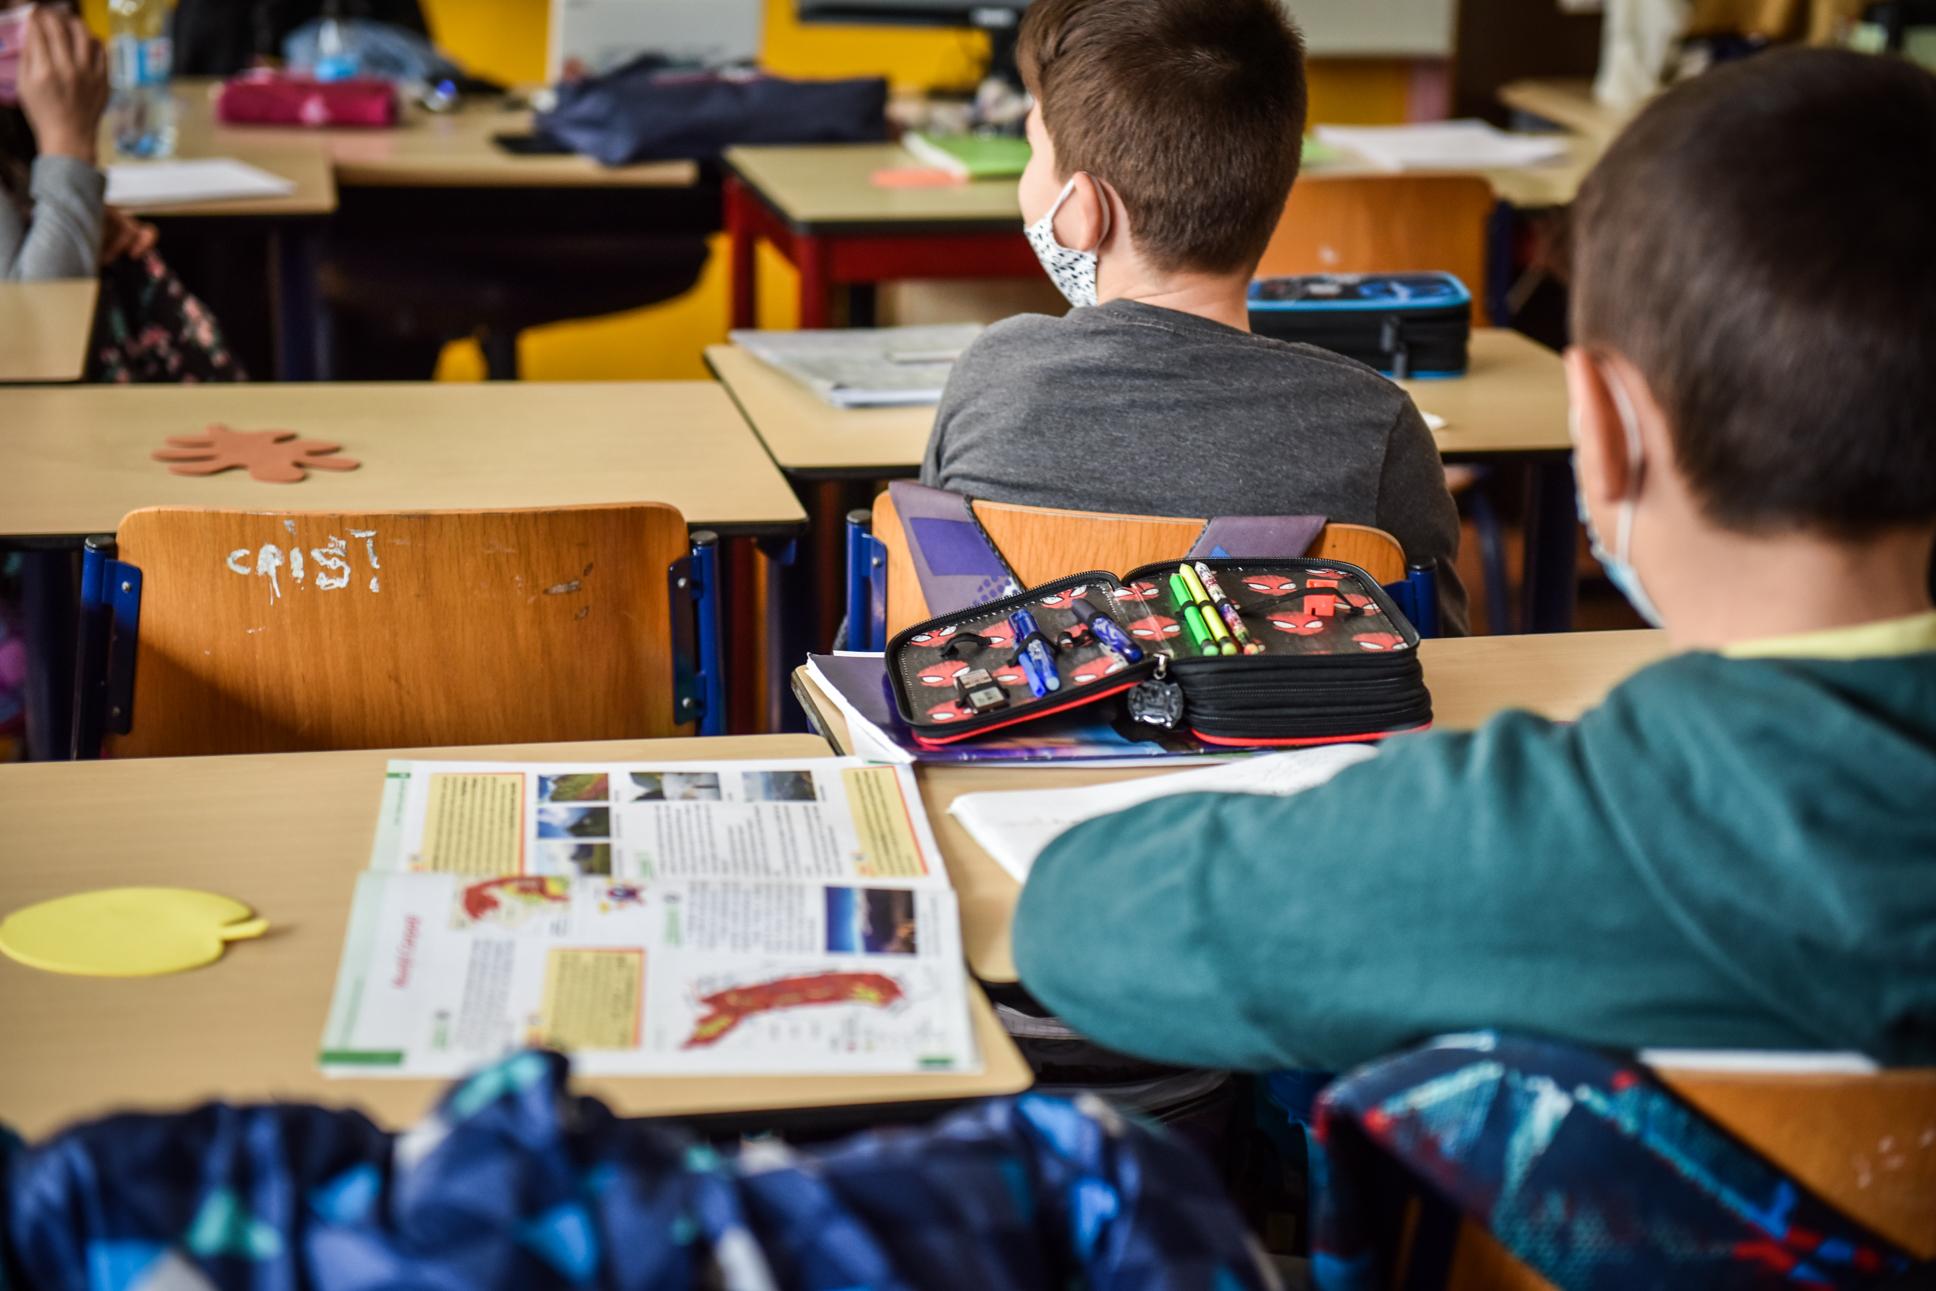 Peste 3.600 de elevi s-au înscris pentru ore remediale, majoritatea pentru a recupera materia pierdută